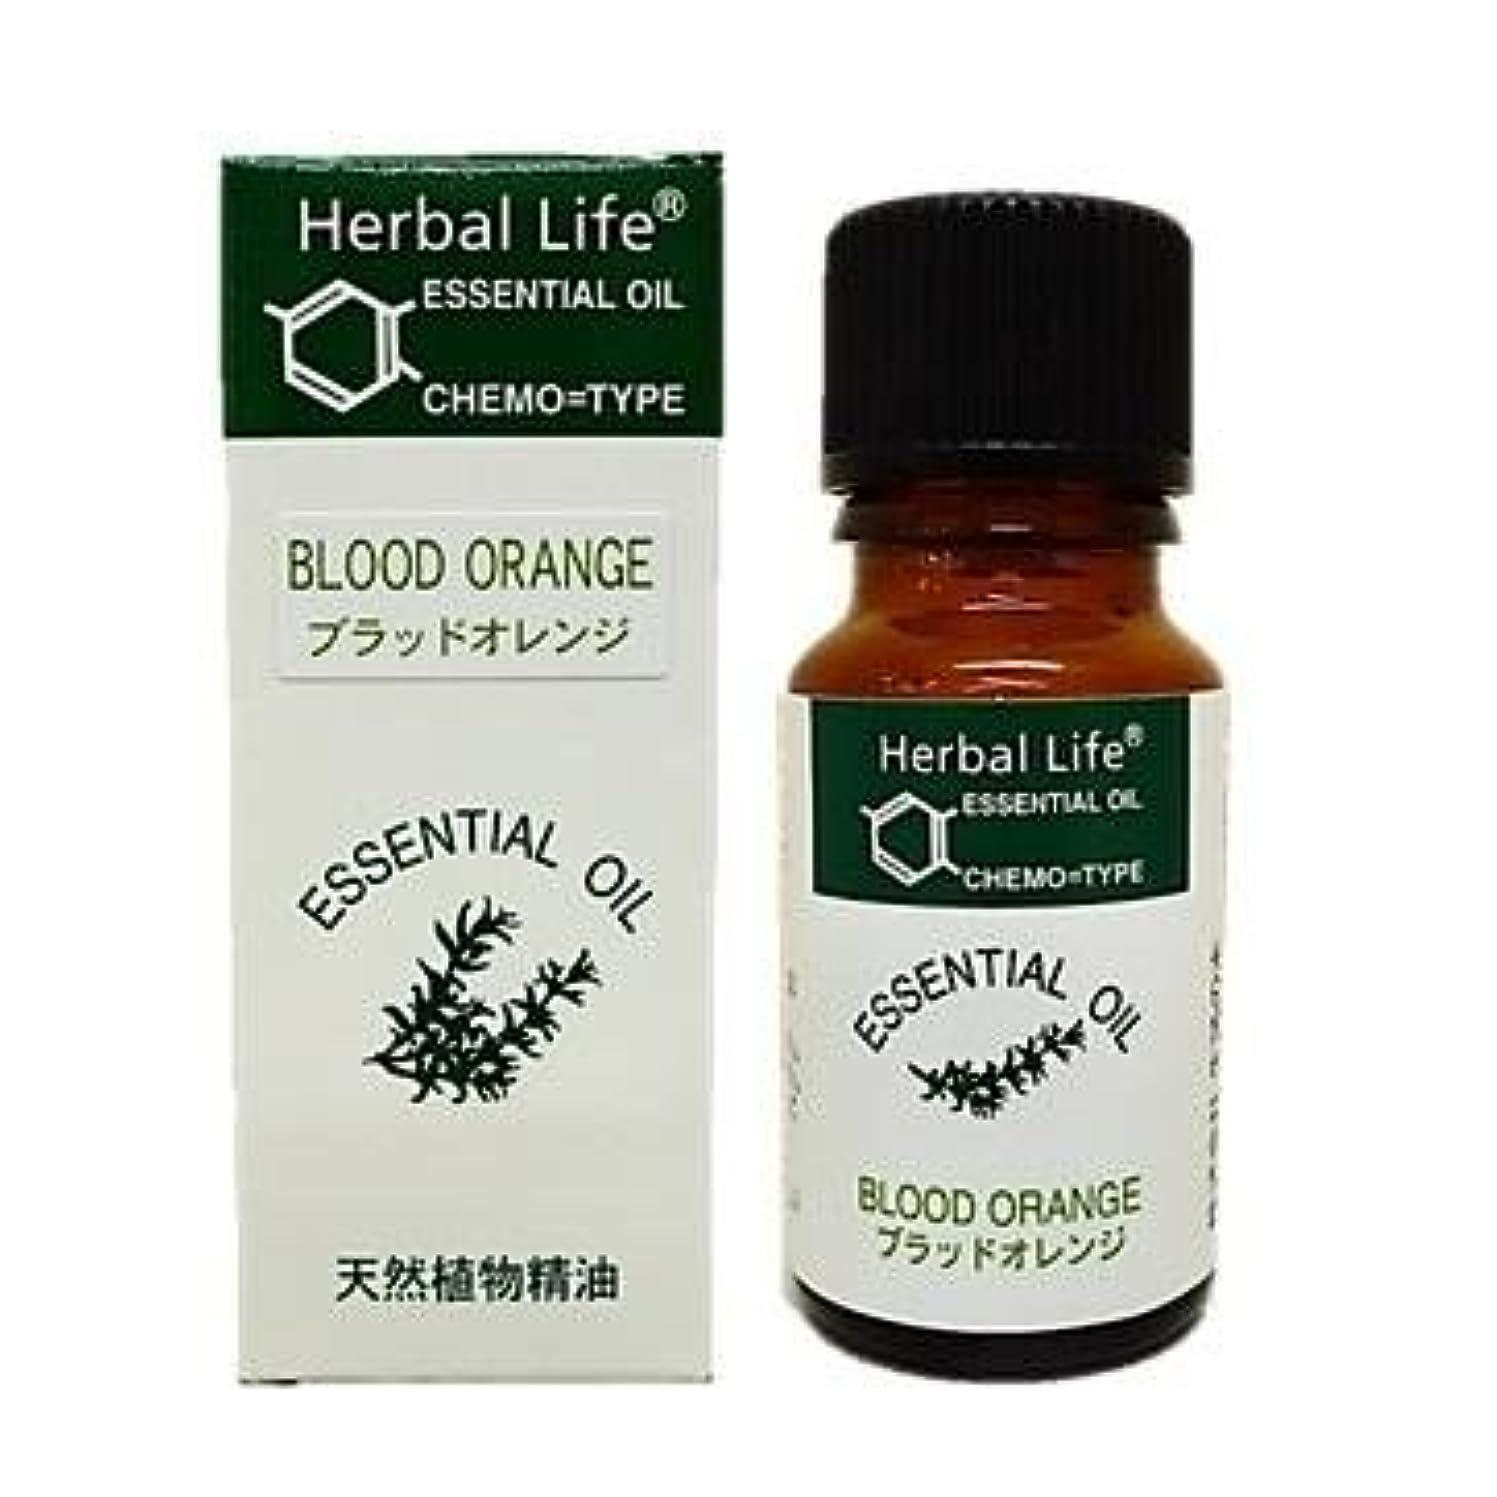 フルート苦しめる見えない生活の木 ブラッドオレンジ10ml エッセンシャルオイル/精油